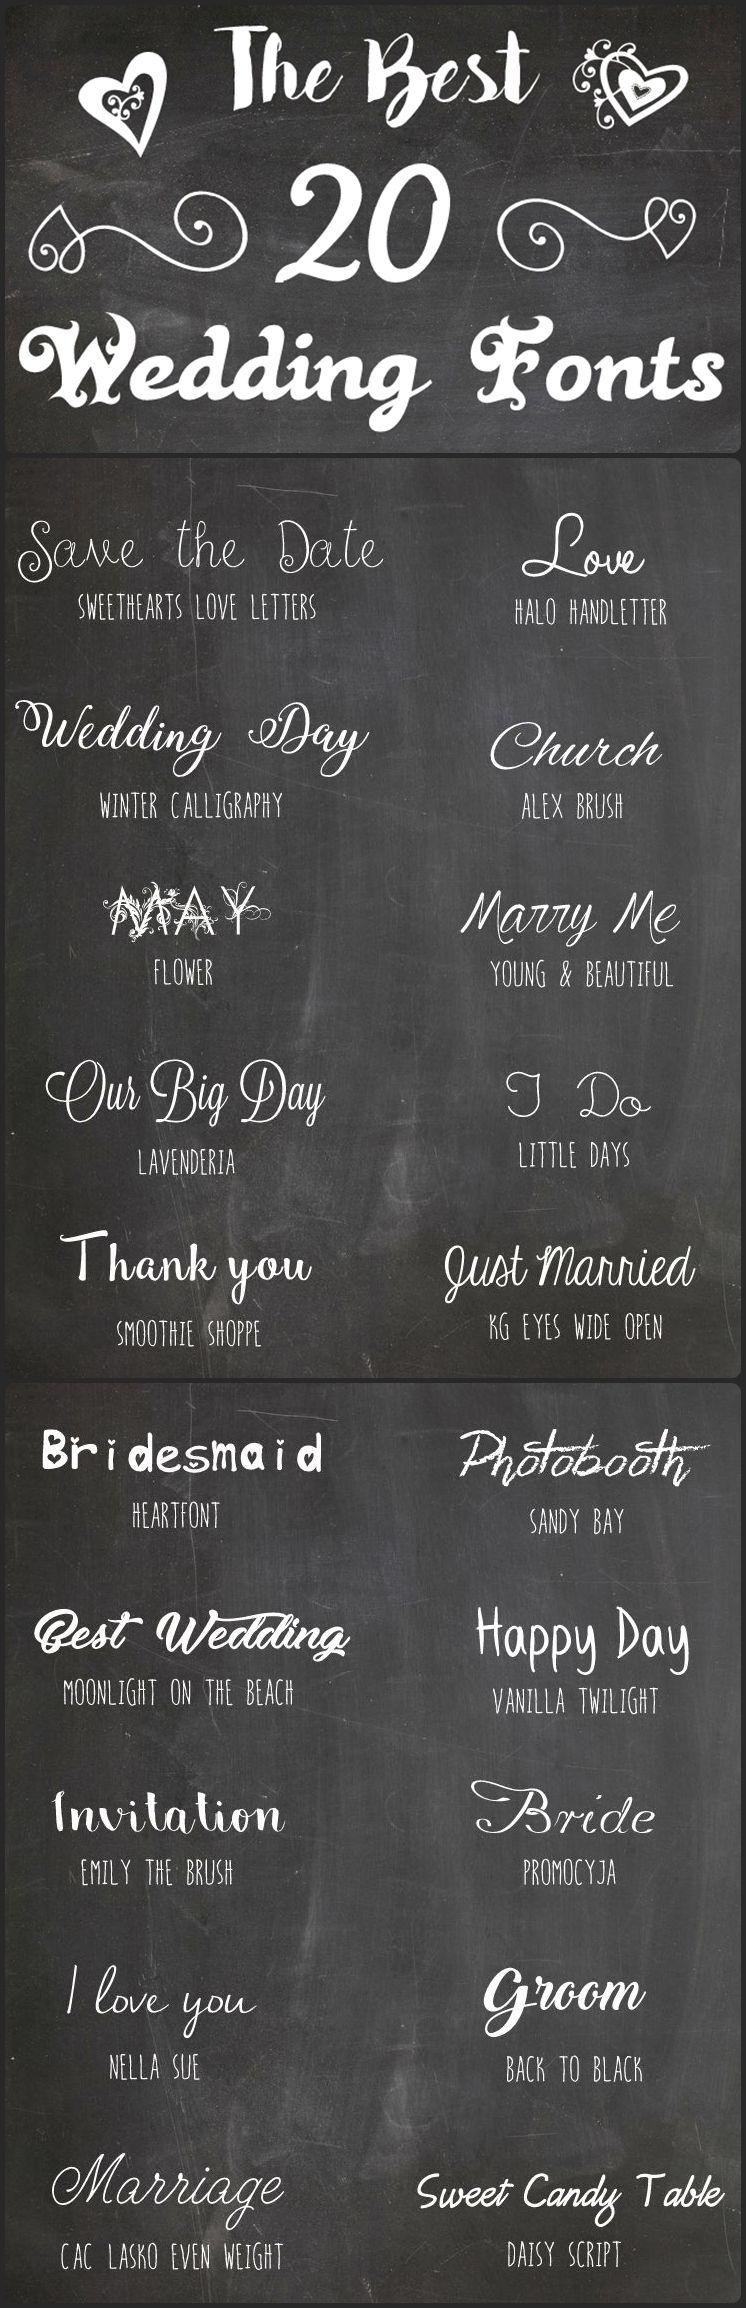 the best 20 wedding fonts die 20 sch nsten schriftarten zur hochzeit http. Black Bedroom Furniture Sets. Home Design Ideas